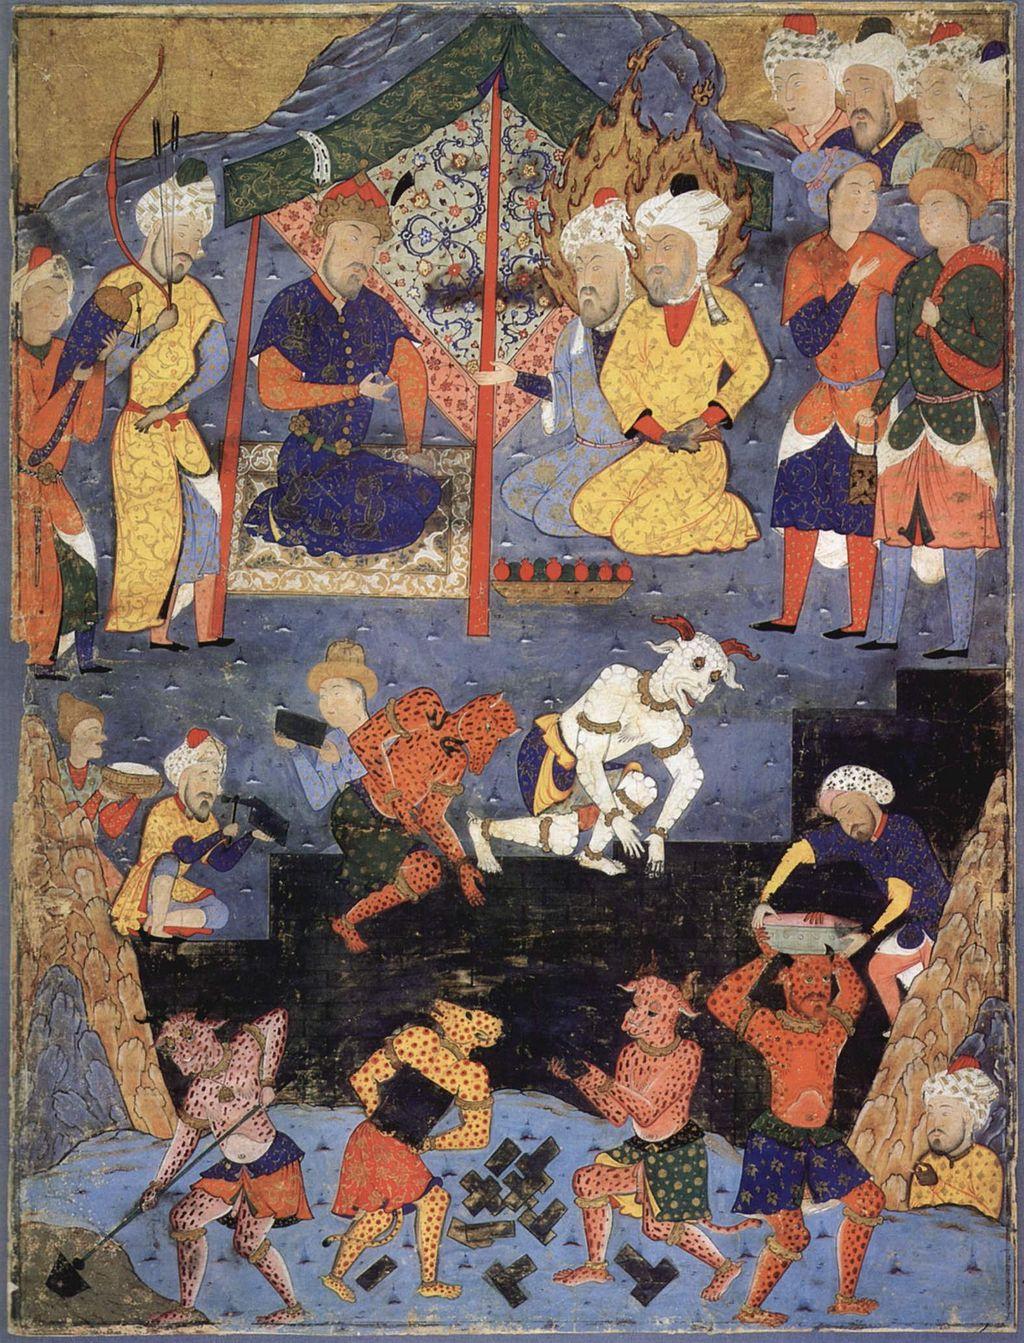 Miniatura persa do século XVI mostrando os jinn ajudando na construção de um muro. (Fonte: Wikimedia Commons)dando humanos